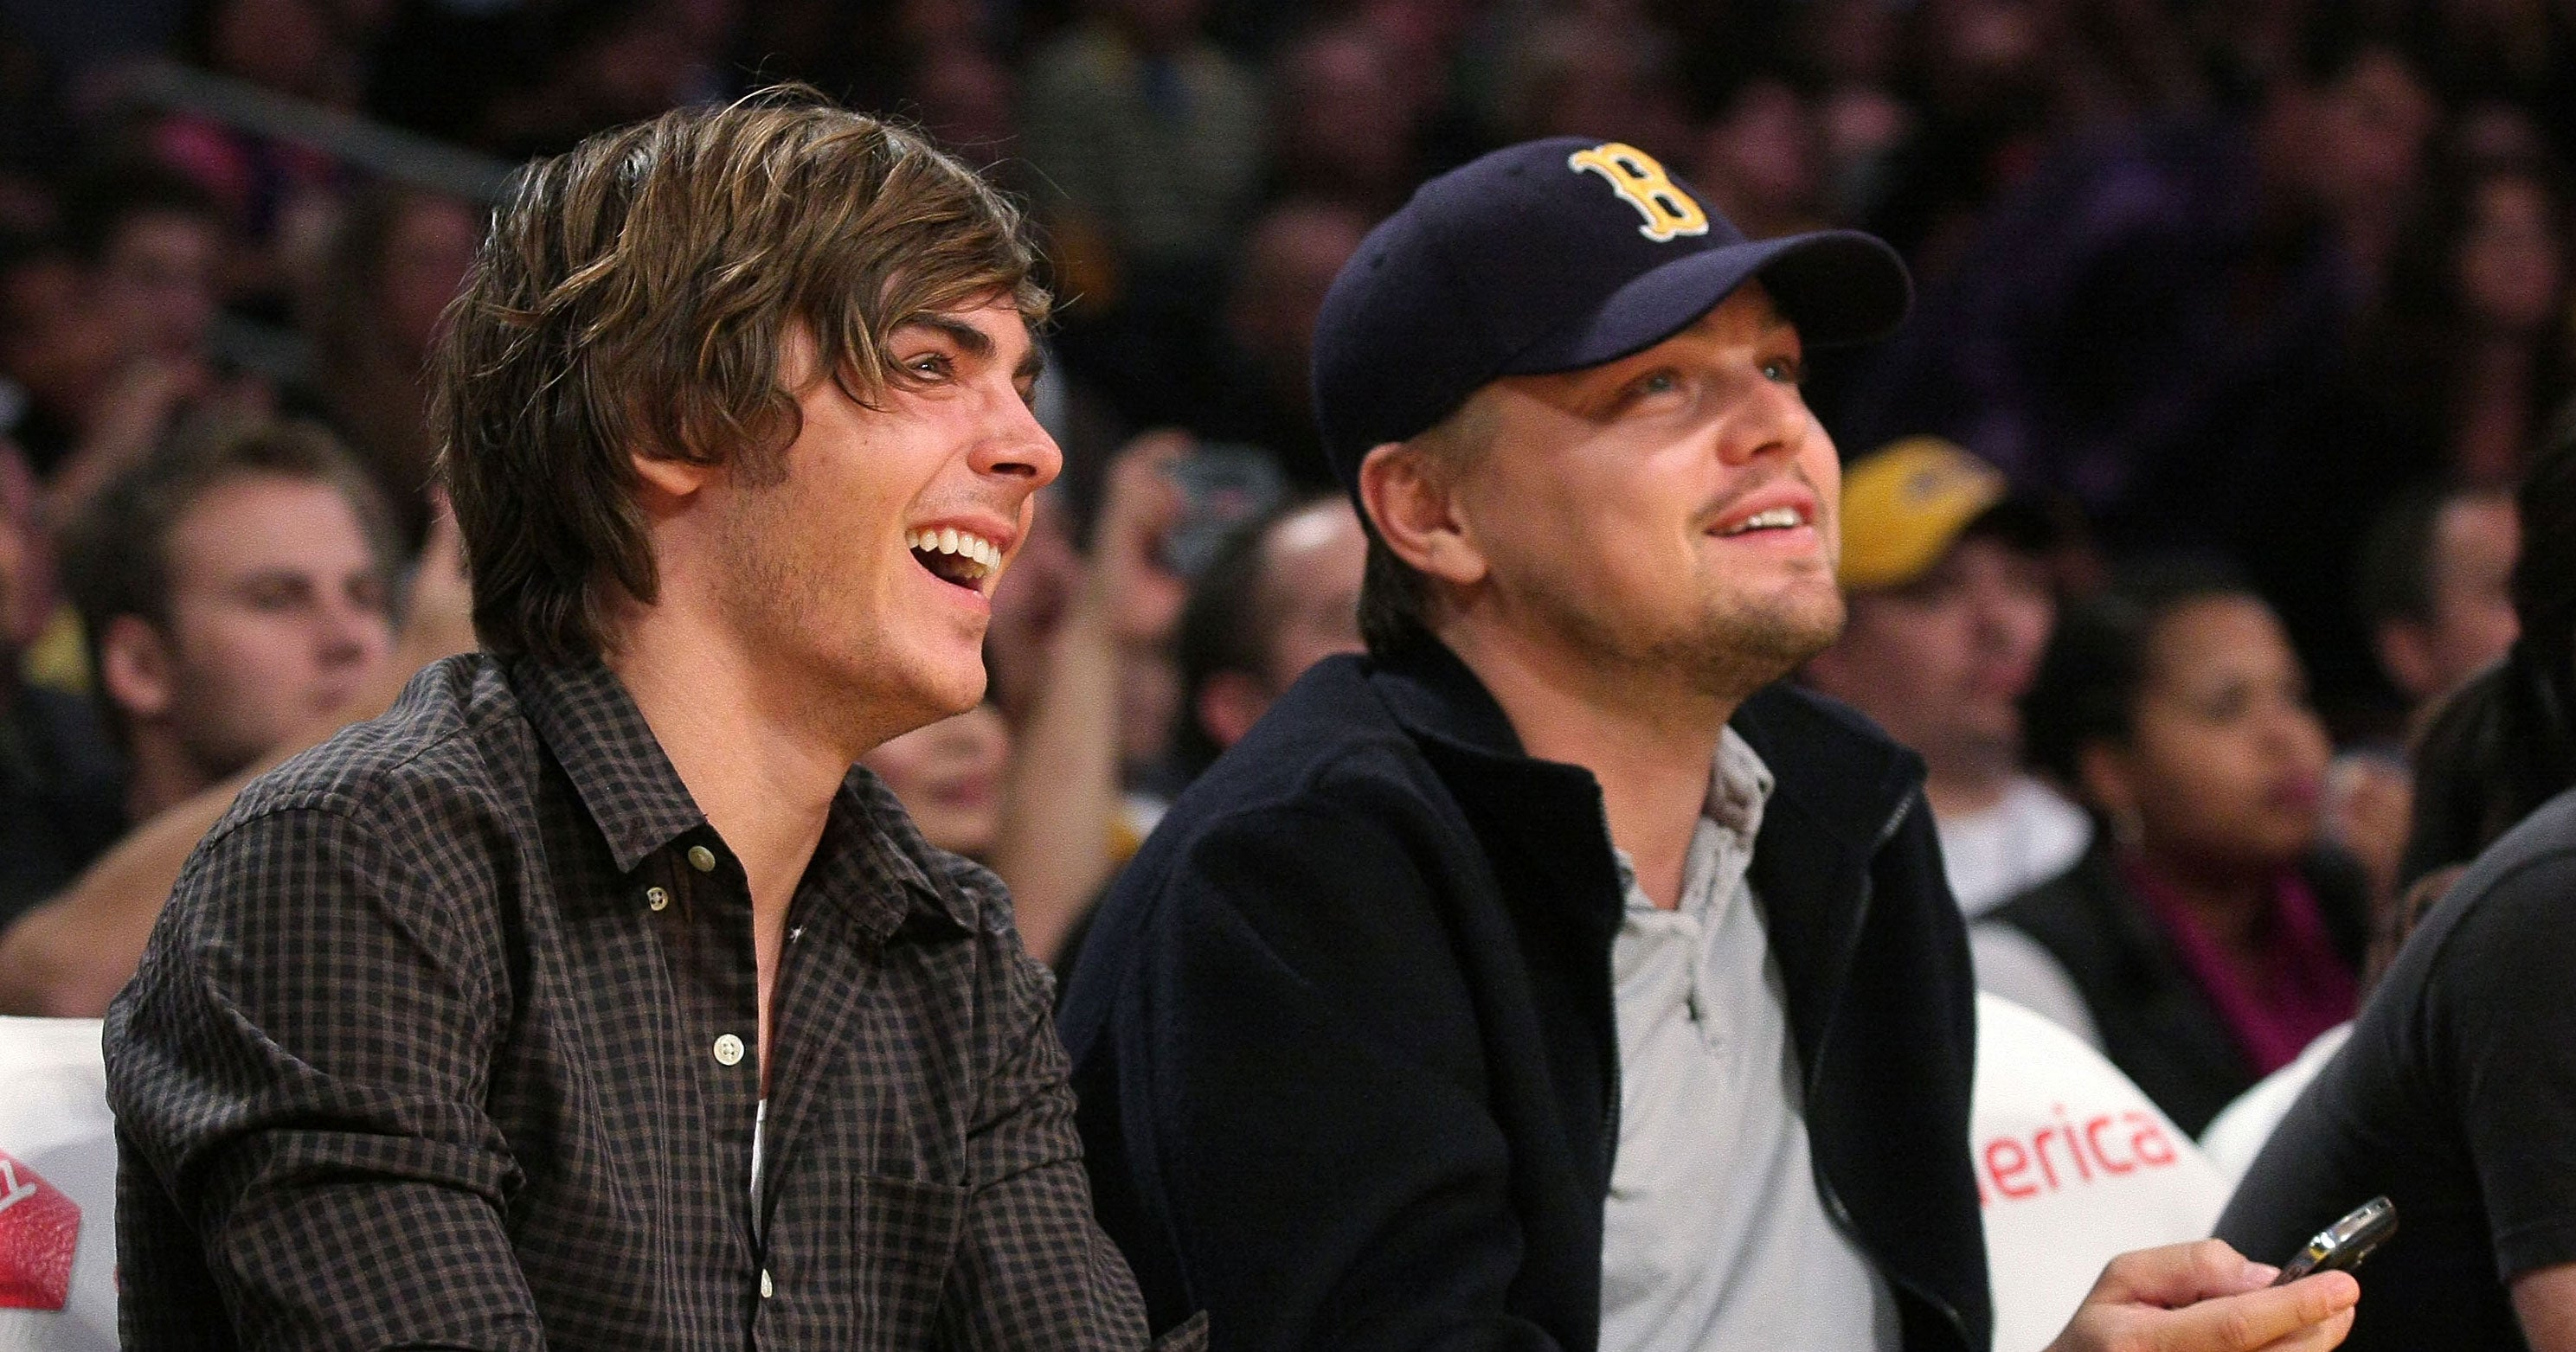 Zac Efron Shares Funny Bromance With Leonardo DiCaprio